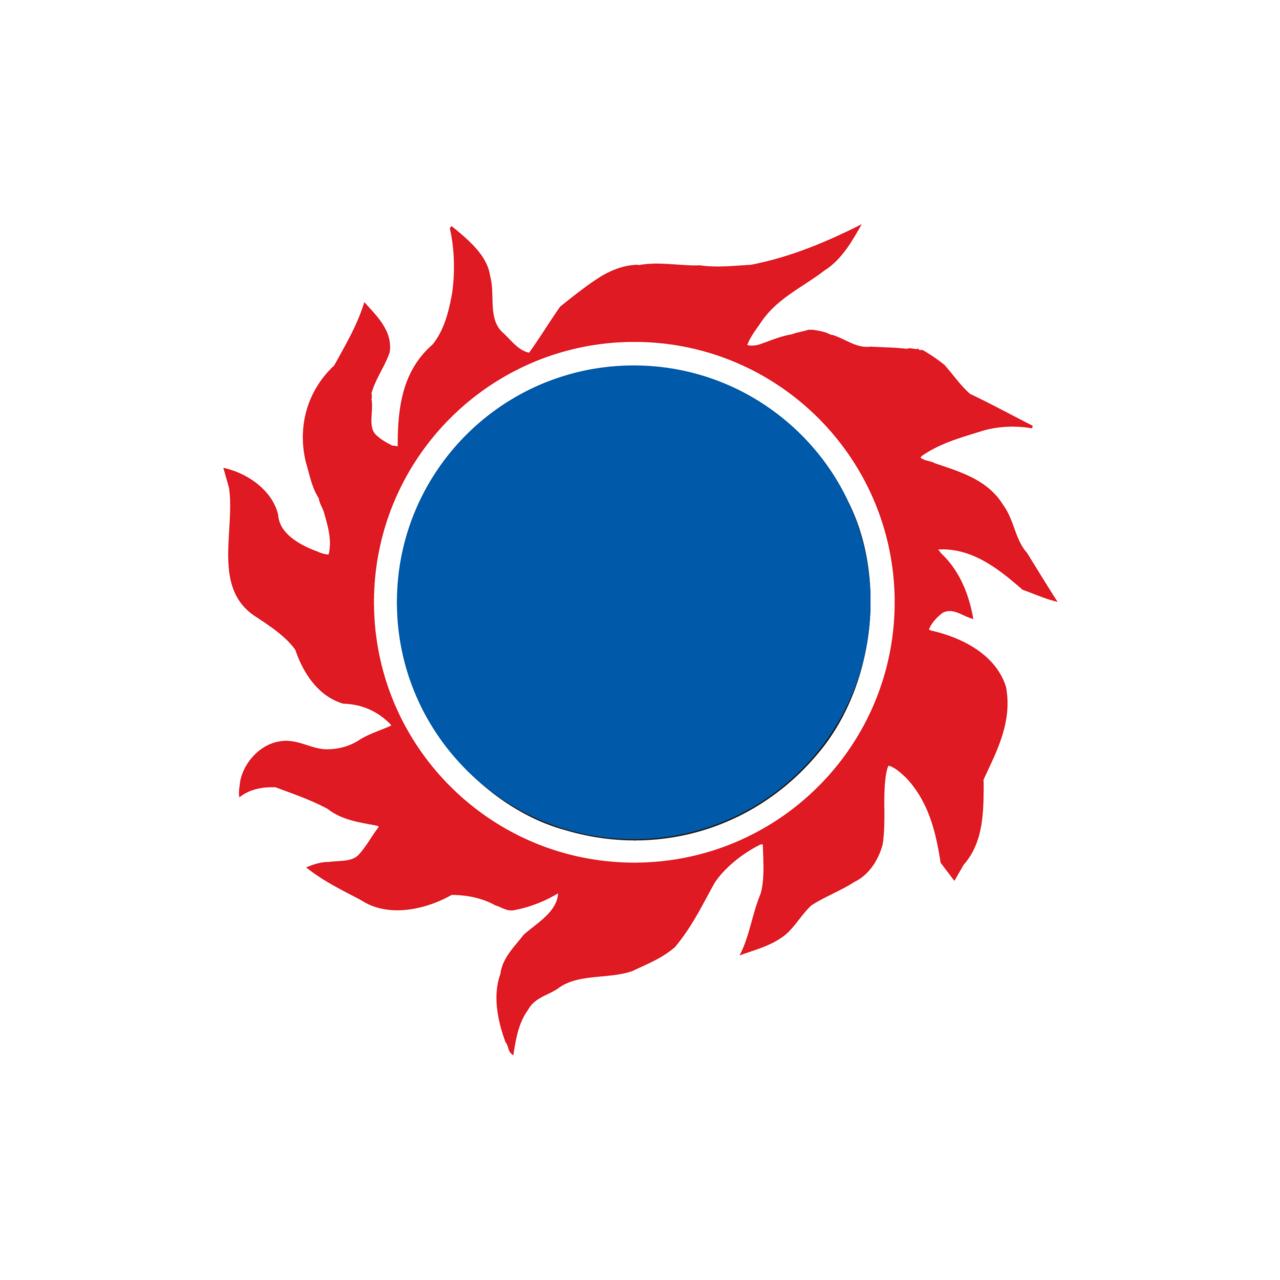 HarperCollins logo by Ivan Chermayeff..